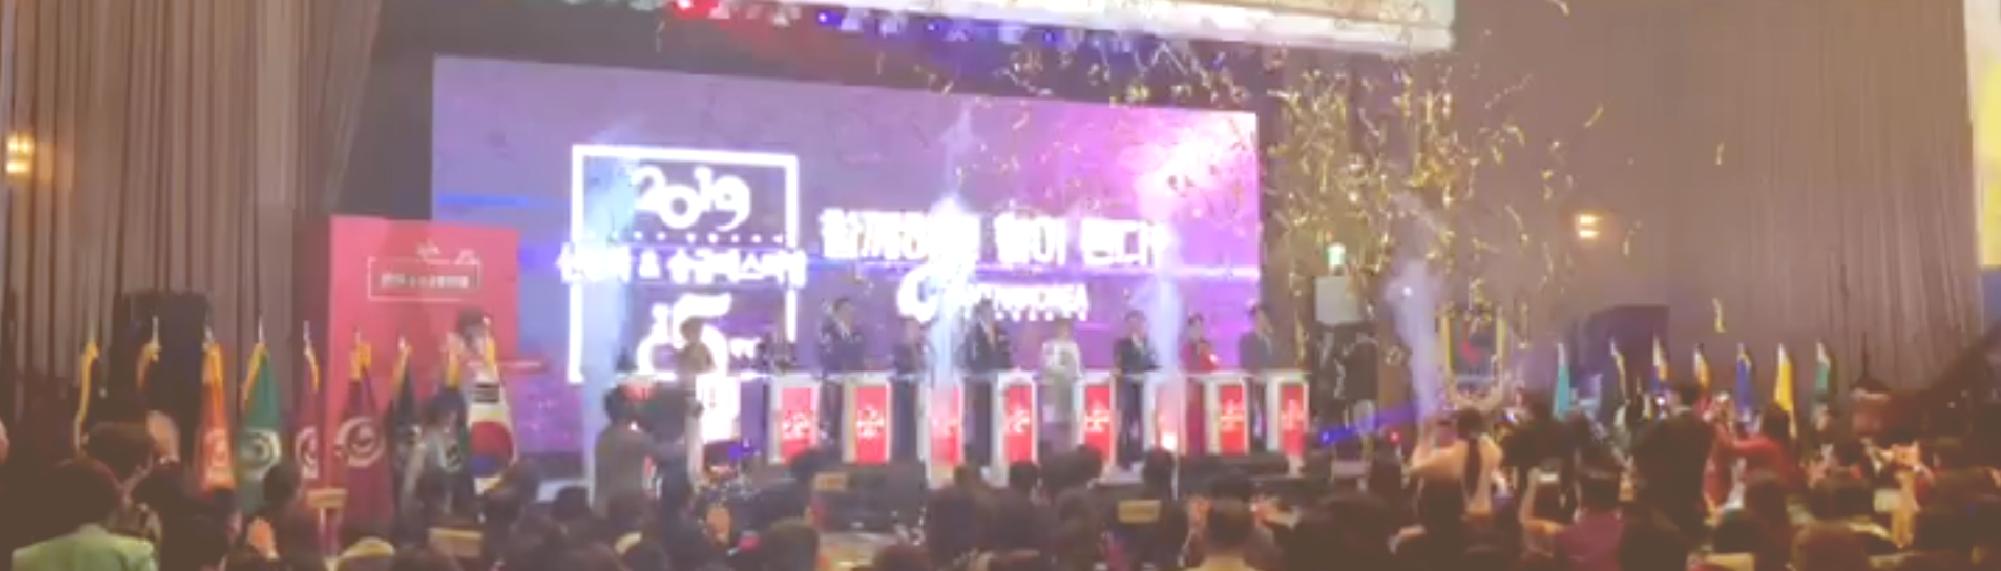 2019 탄탄코리아 신년회&승급 페스티벌